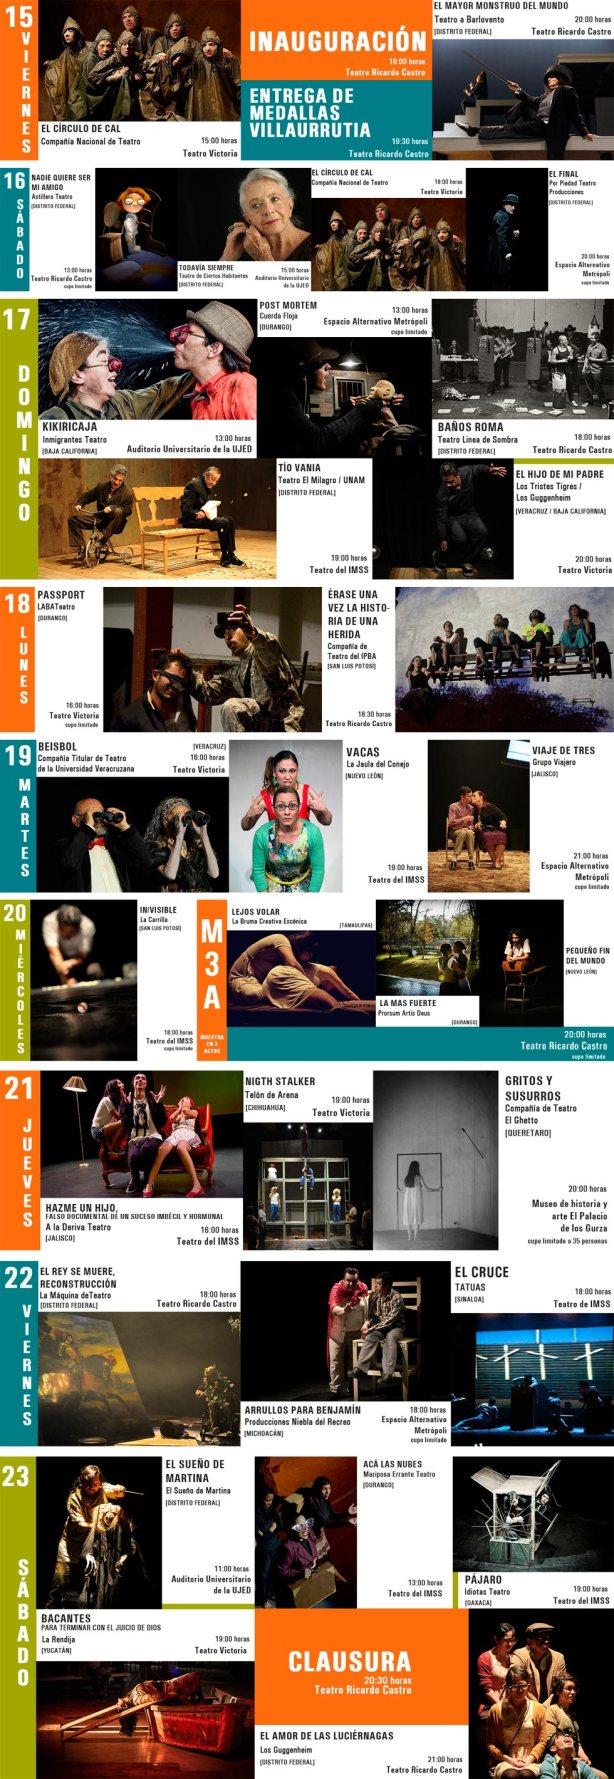 Programación de la Muestra Nacional de Teatro 2013 en Durango